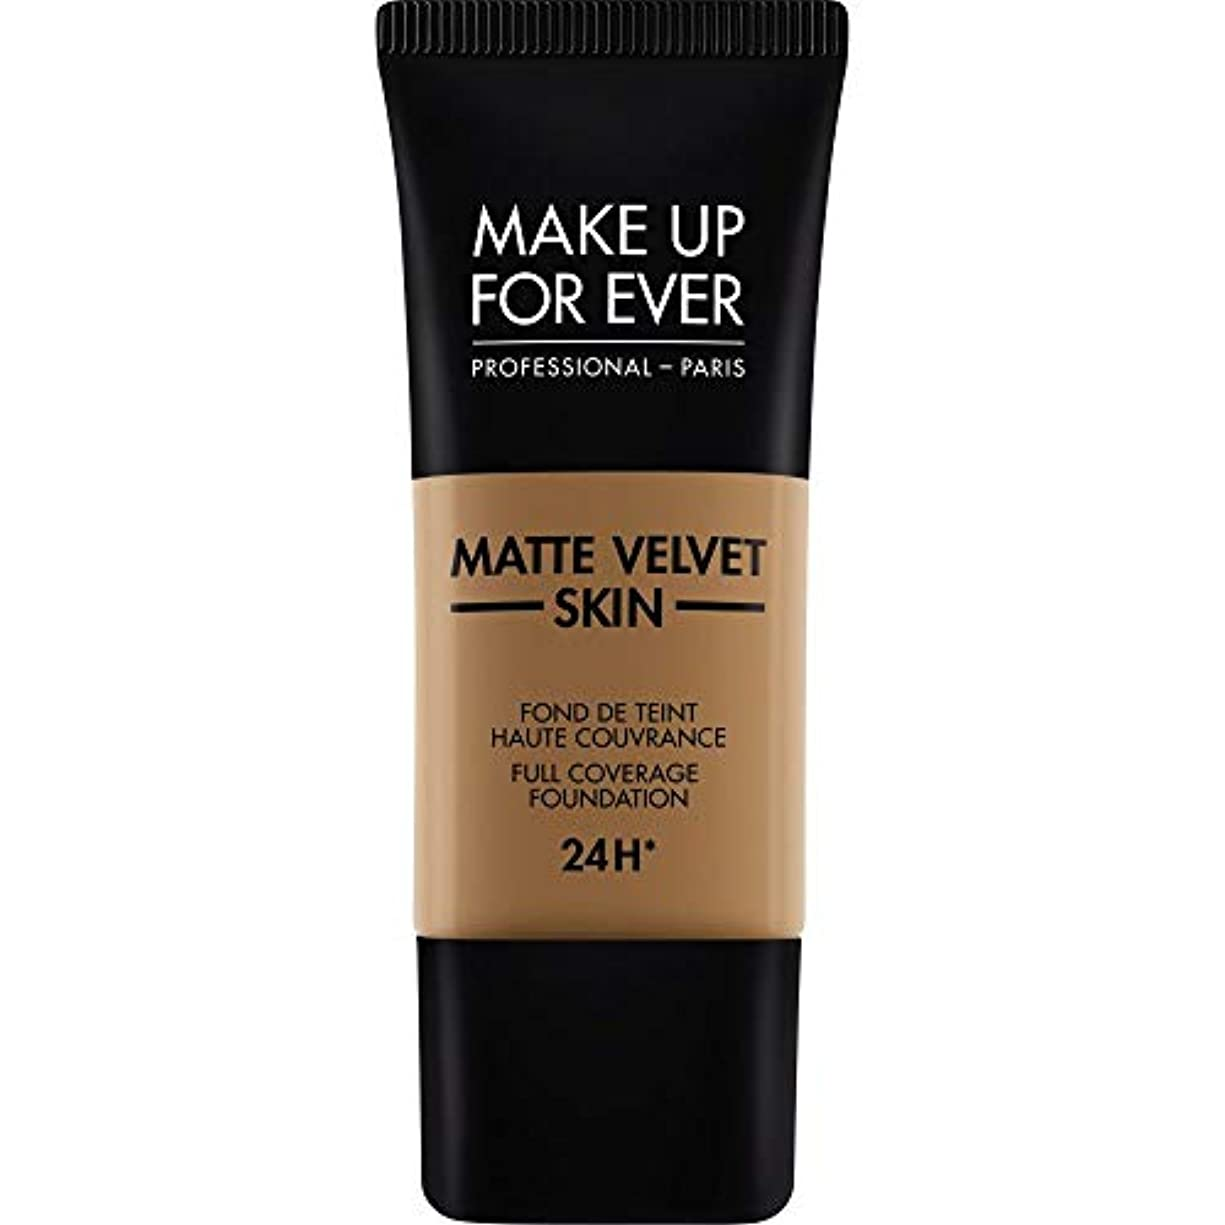 悪化する一般的に食料品店[MAKE UP FOR EVER ] これまでマットベルベットの皮膚のフルカバレッジ基礎30ミリリットルのY505を補う - コニャック - MAKE UP FOR EVER Matte Velvet Skin Full...